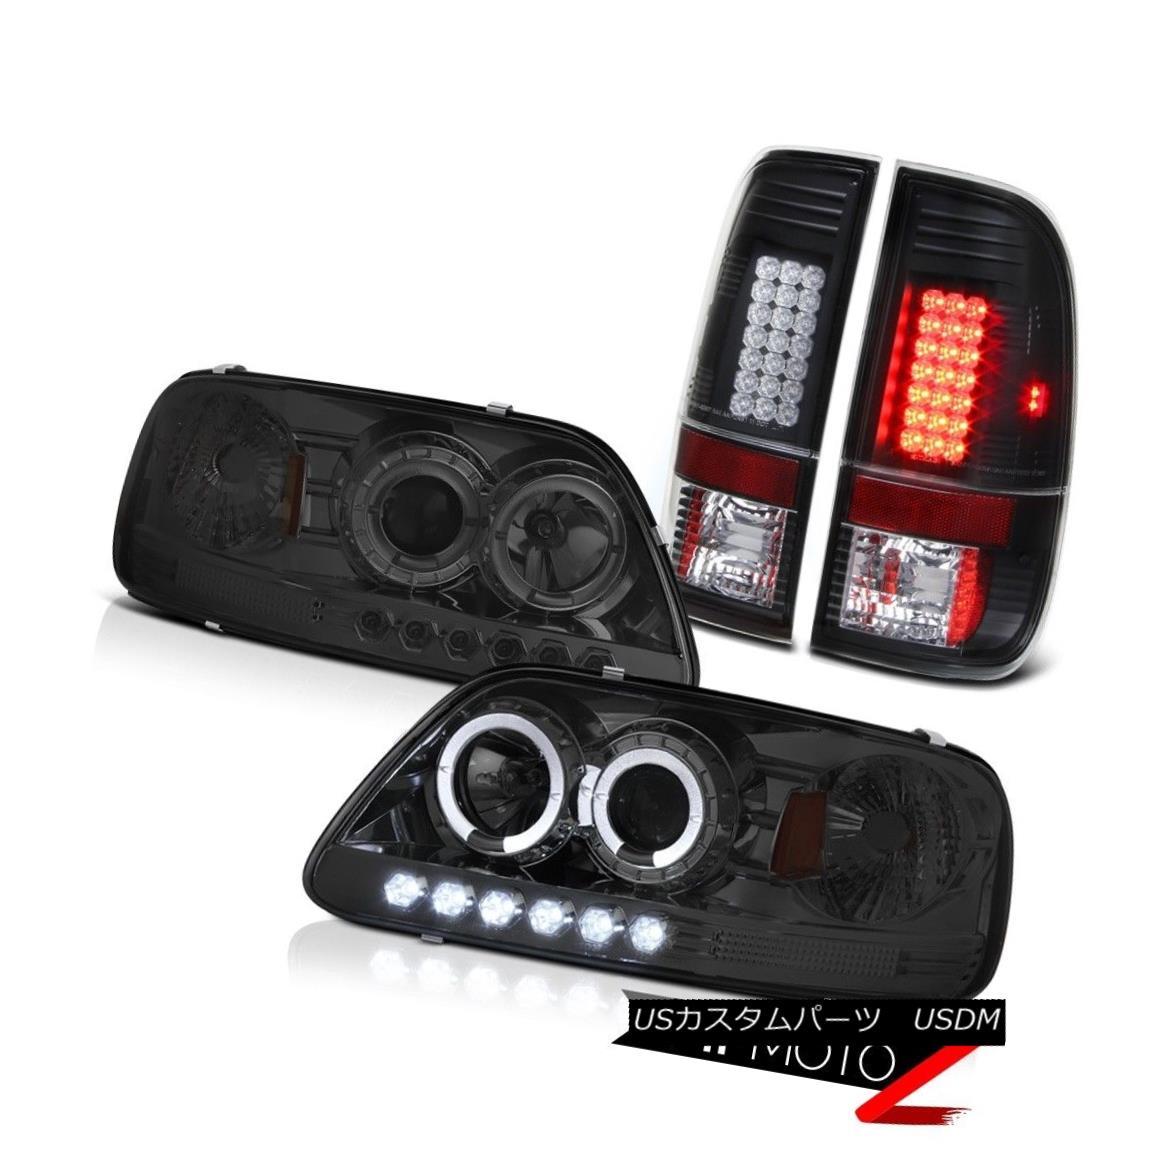 テールライト Twin Halo Ring Projector LED Headlamps 1997 1998 F150 SVT SMD Brake Tail Lights ツインHaloリングプロジェクターLEDヘッドランプ1997 1998 F150 SVT SMDブレーキテールライト